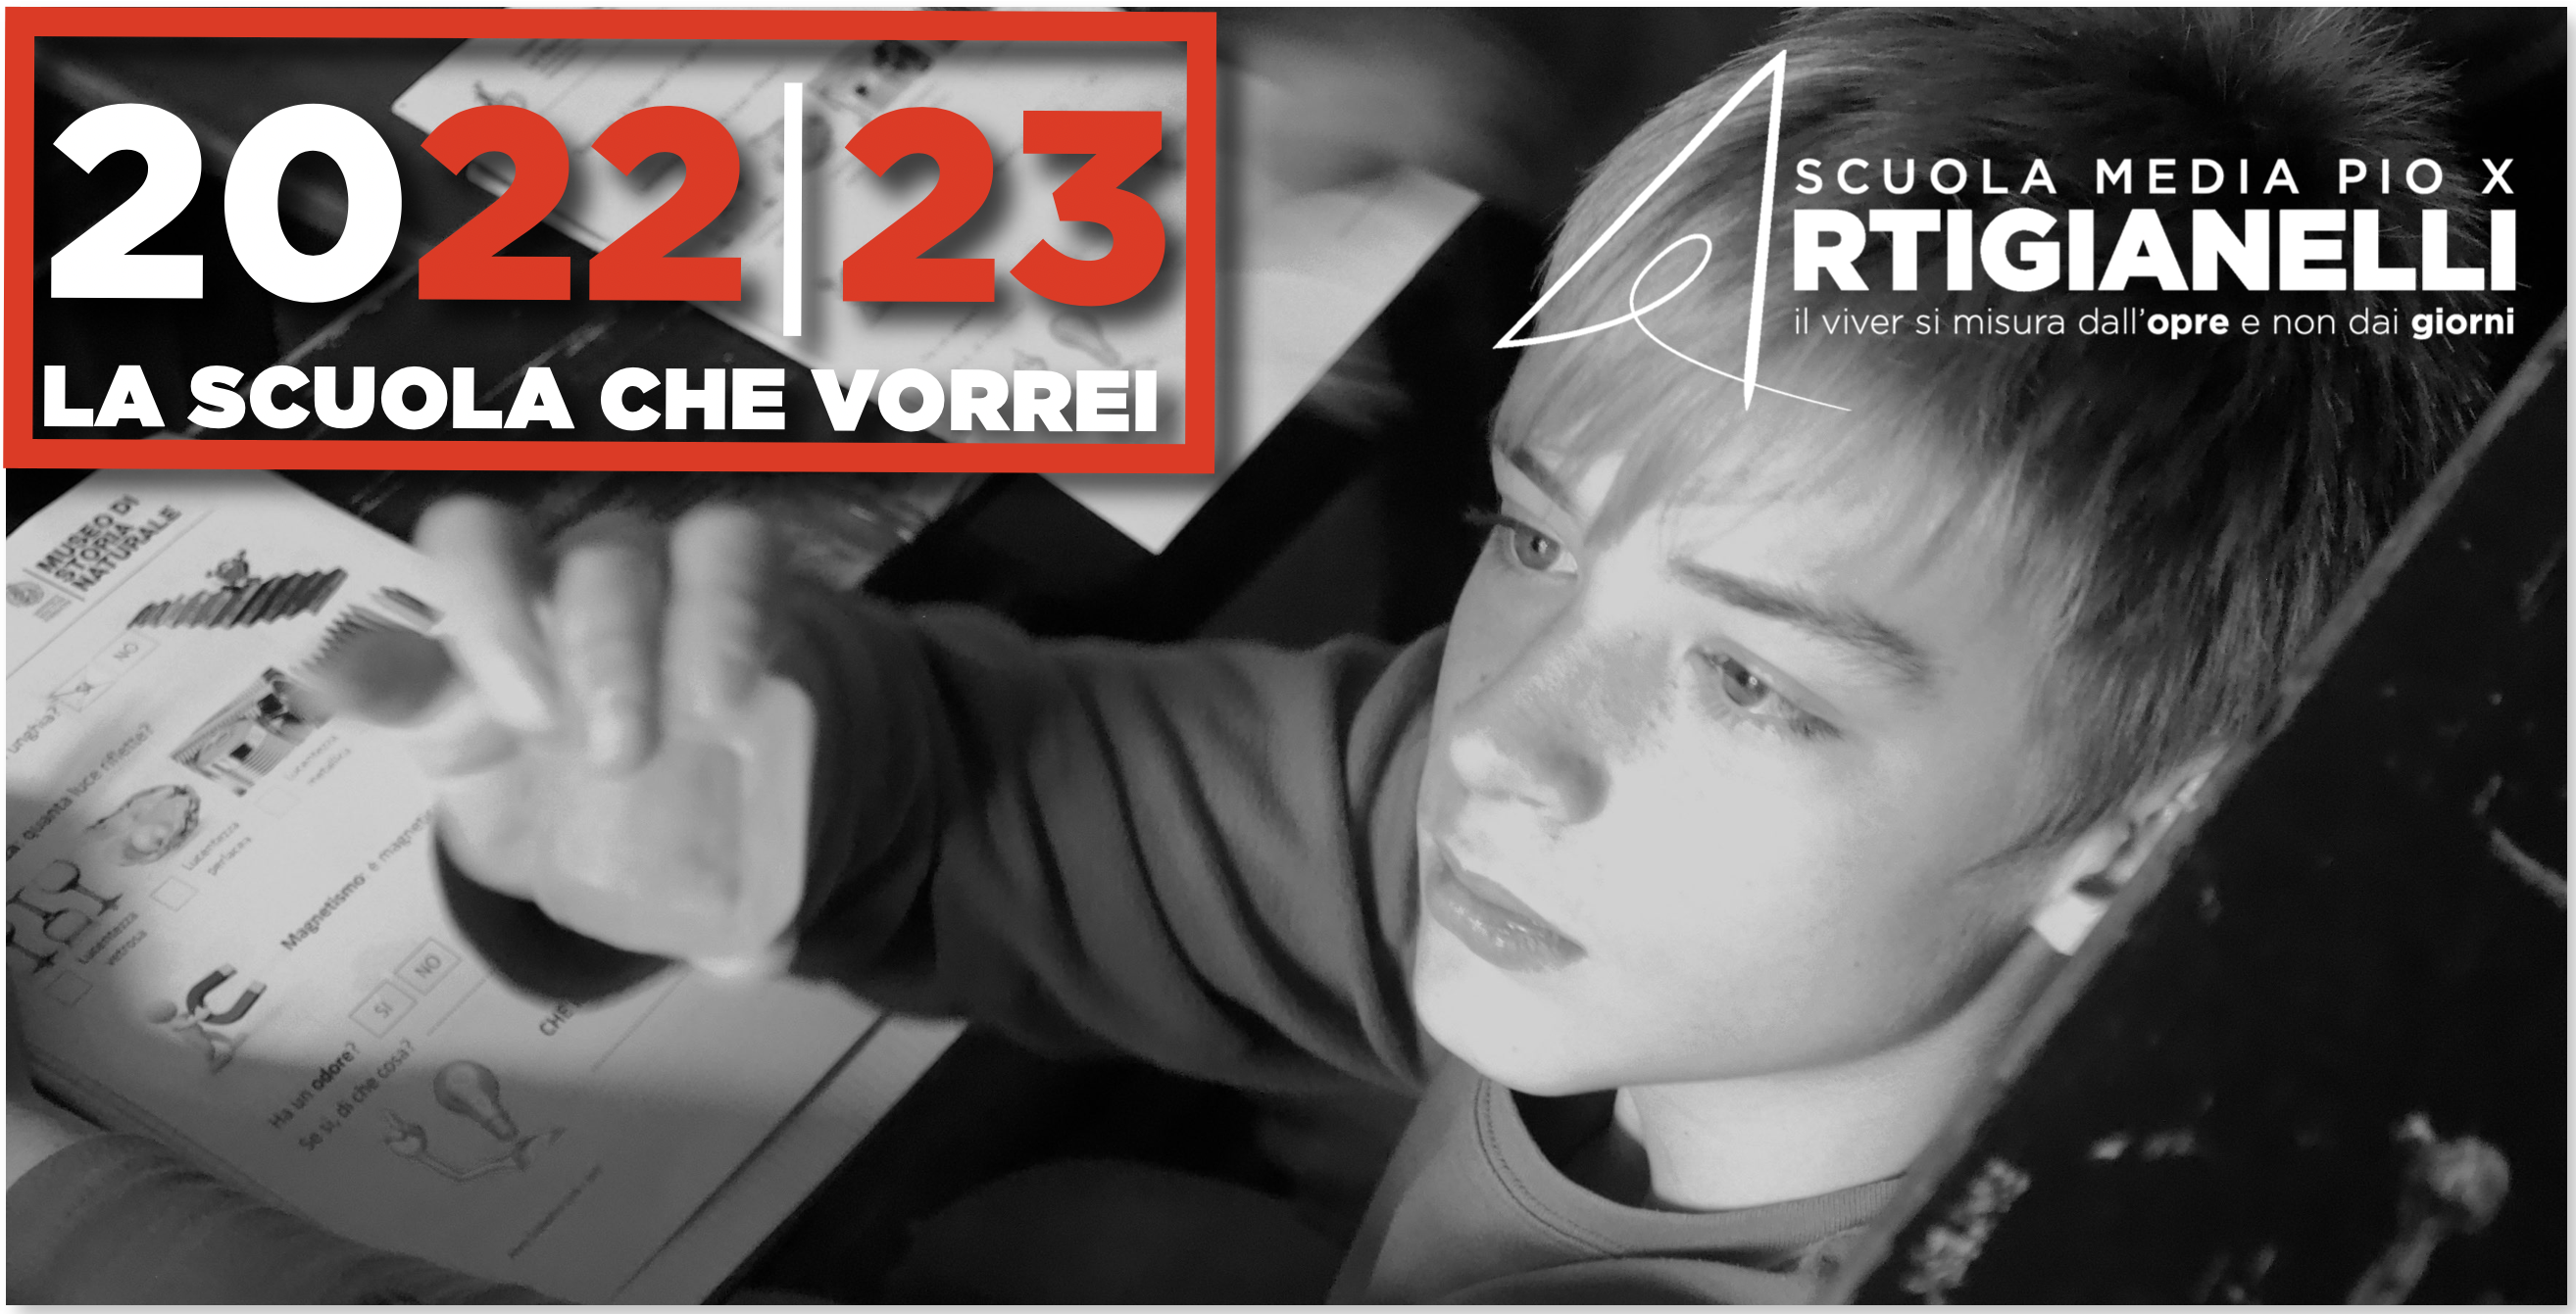 2022|23 La scuola che vorrei